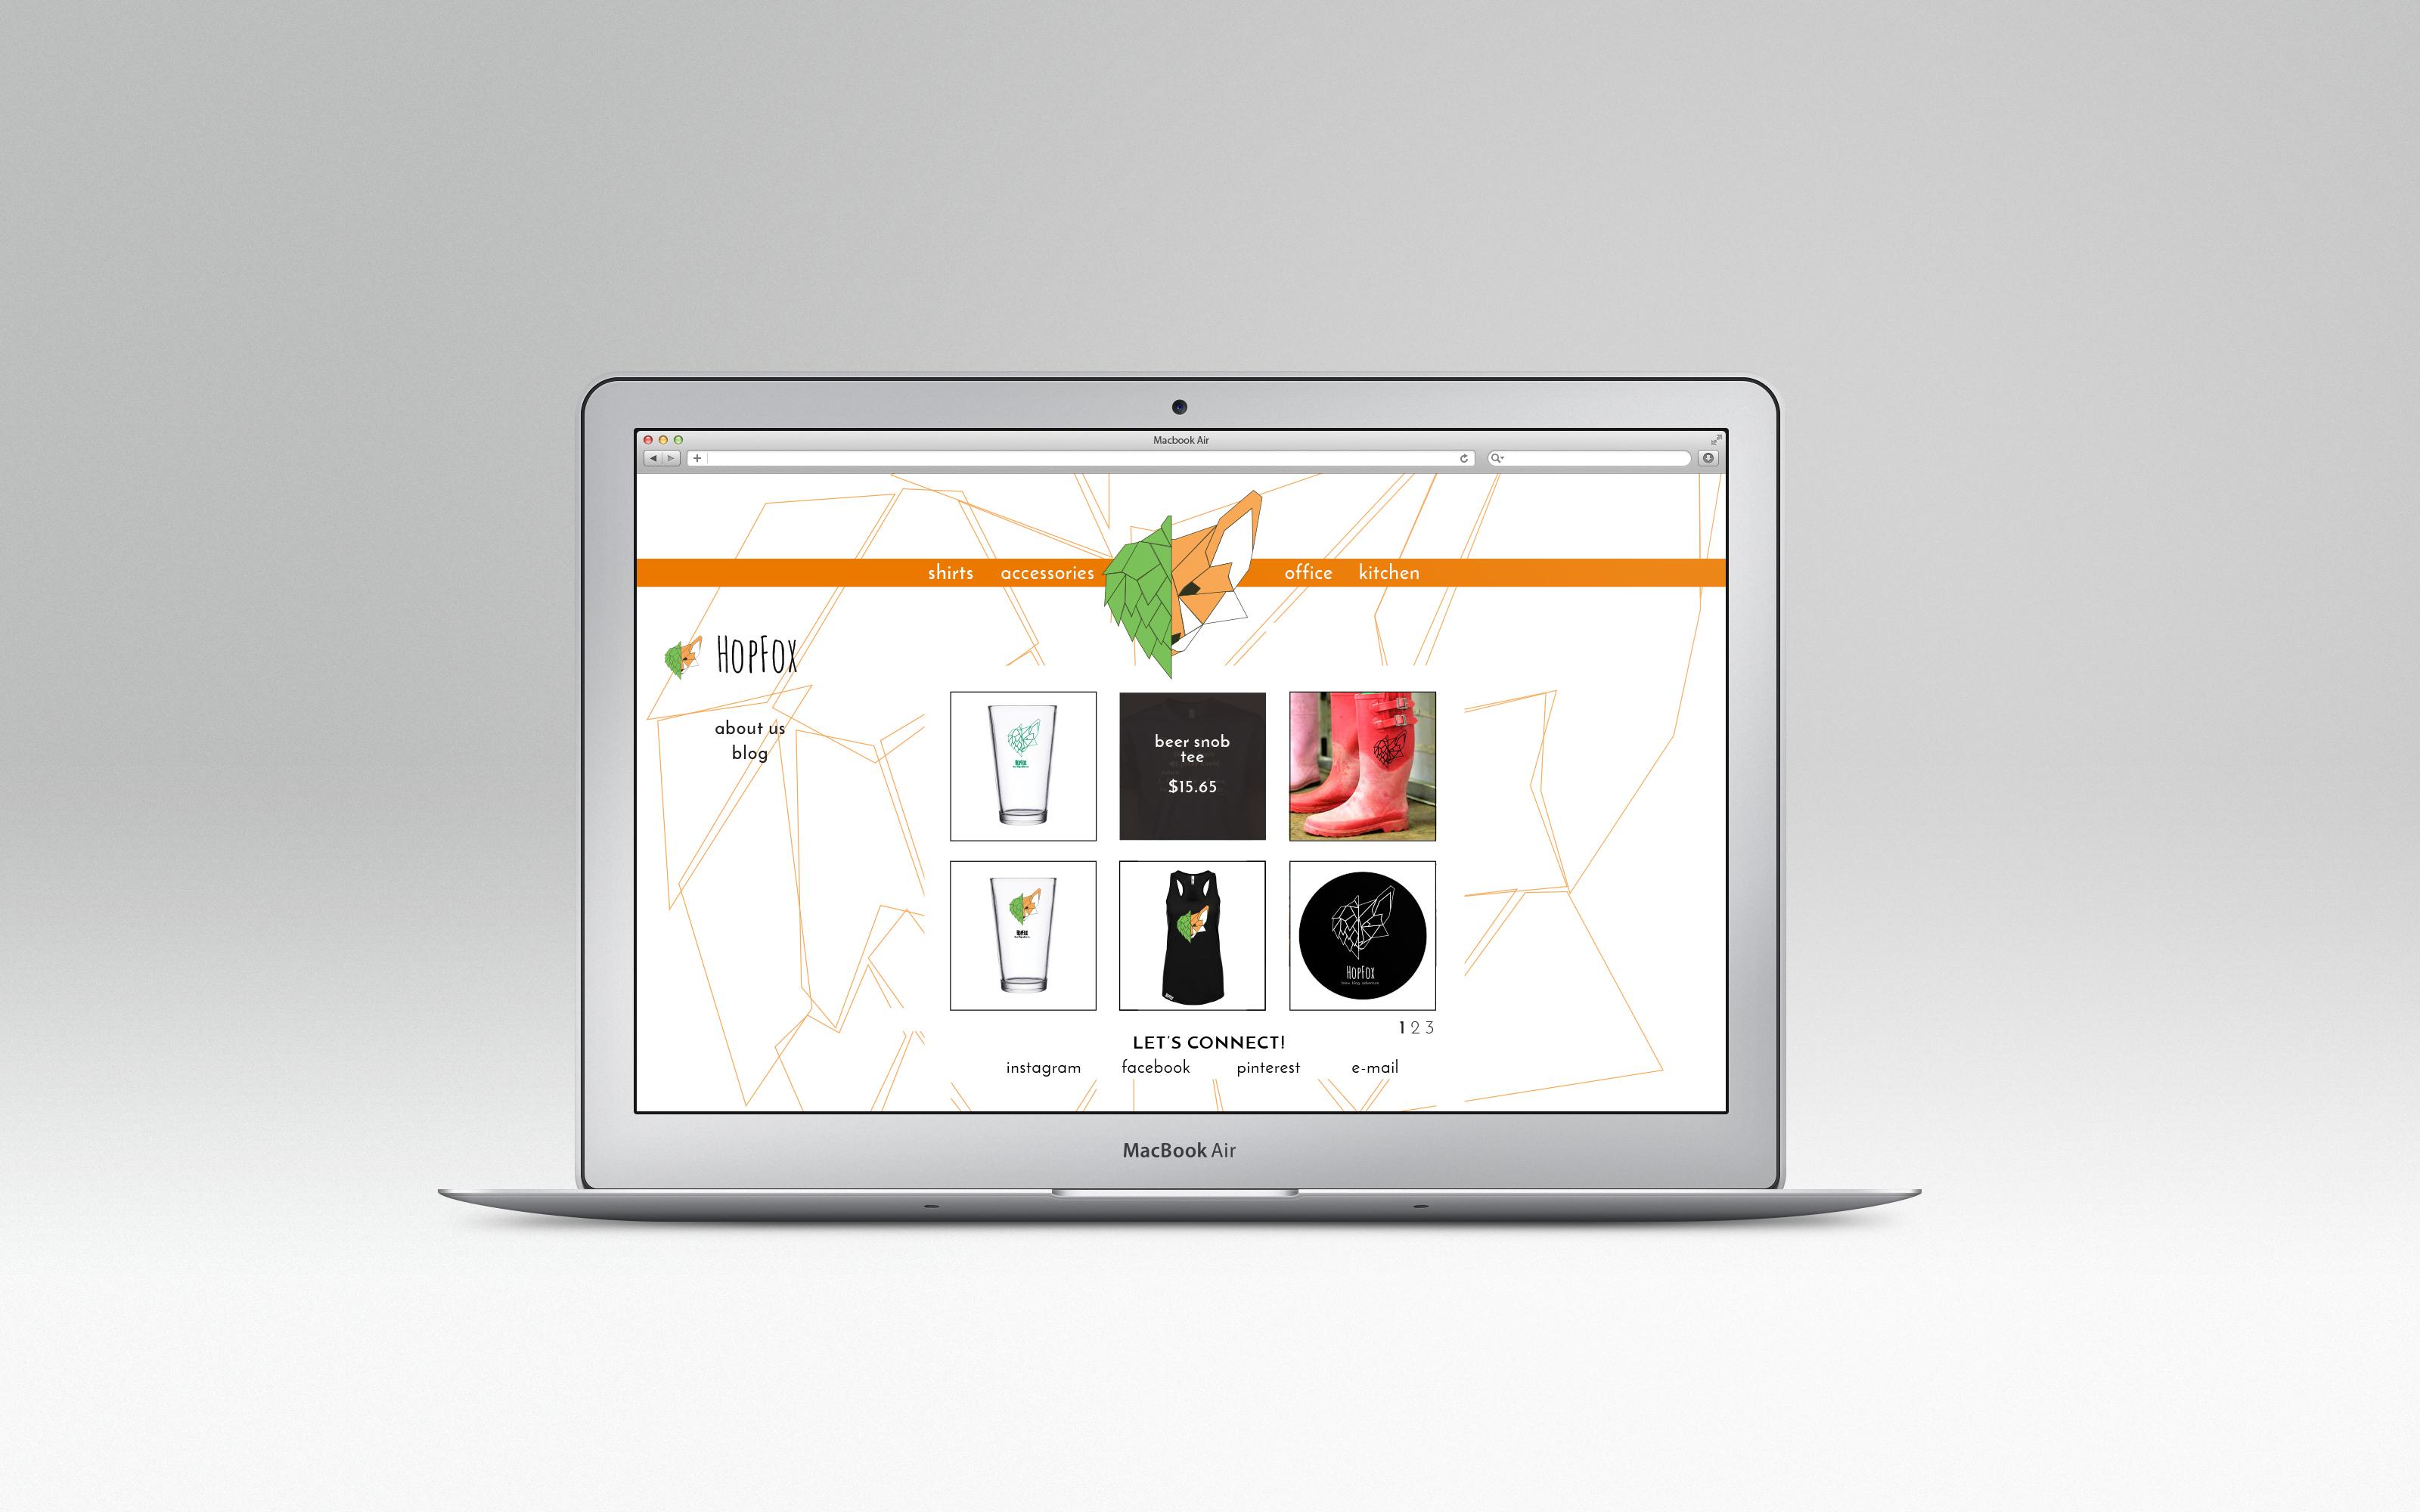 HopFox Shop Page